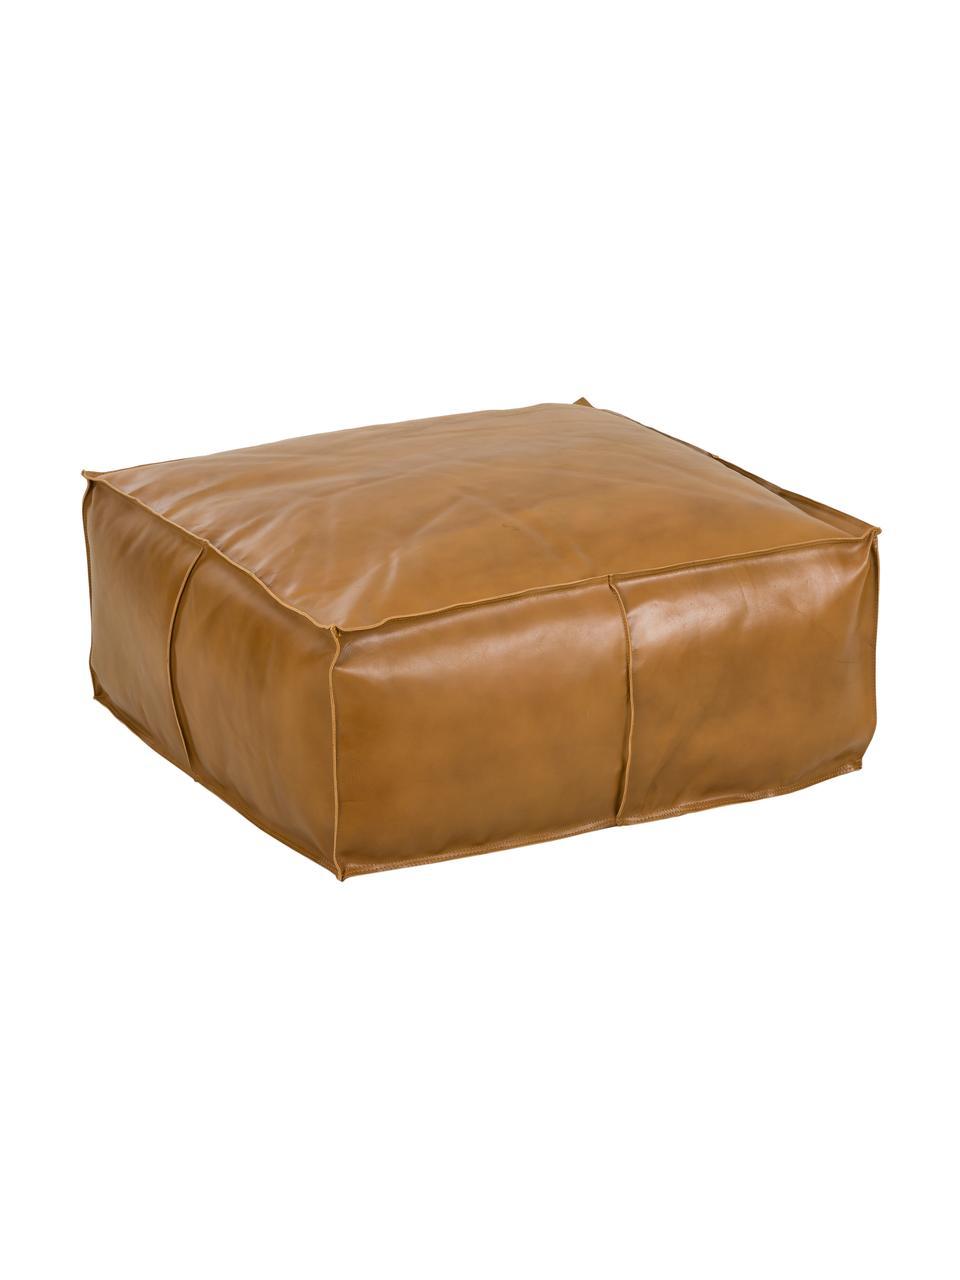 Cuscino da pavimento in pelle Arabica, Rivestimento: pelle, finitura nappa, Cognac, Larg. 70 x Alt. 30 cm